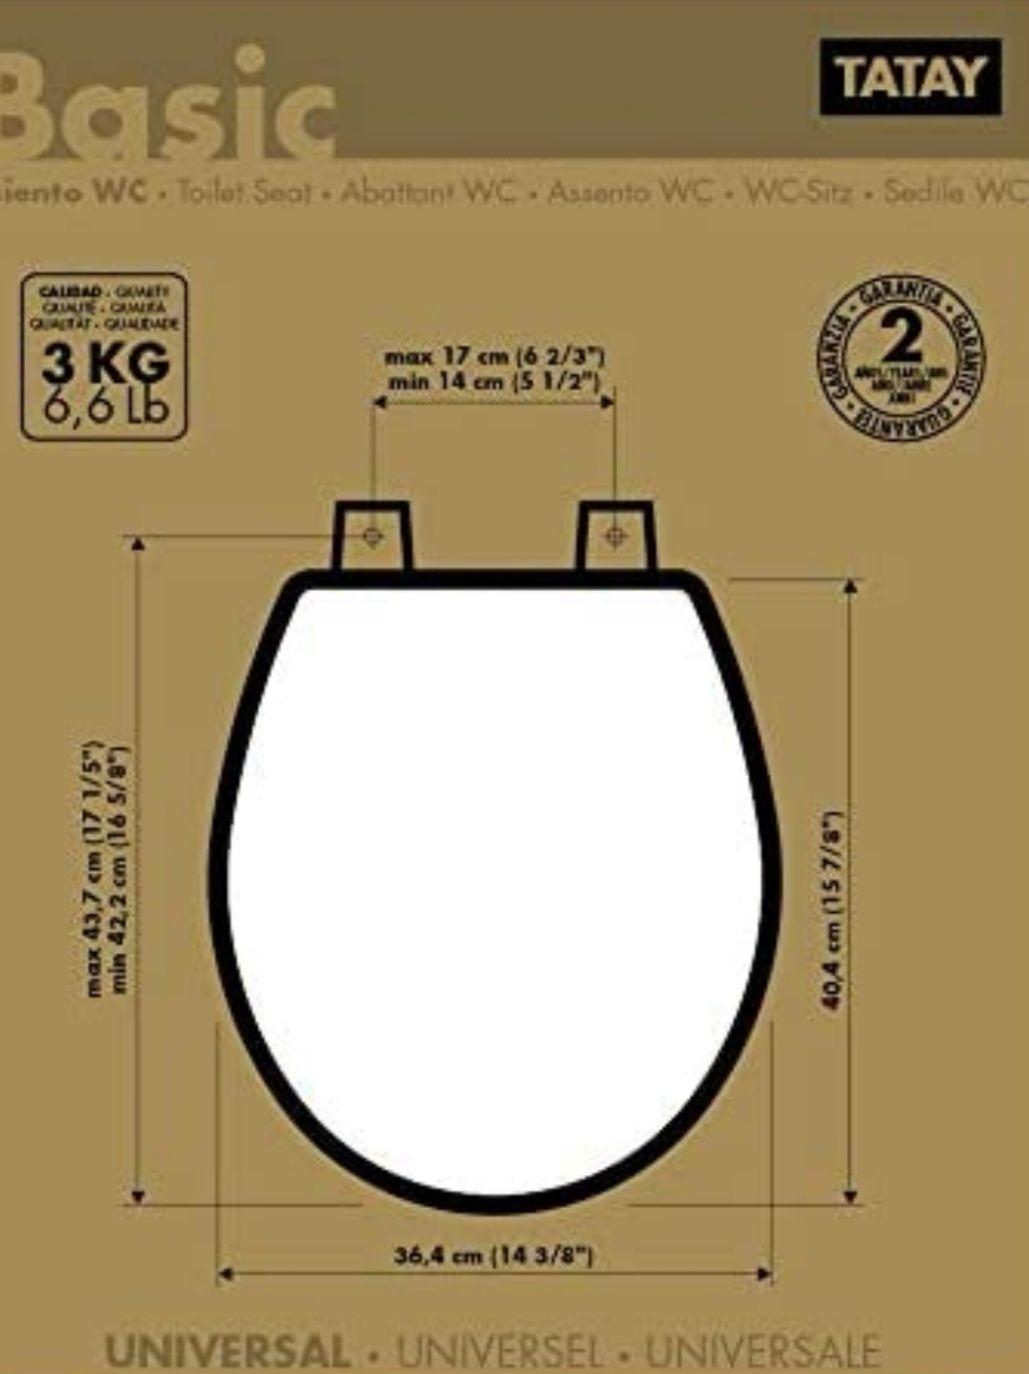 TATAY - Tapa y Asiento universal para Inodoro, color Blanco(Precio al tramitar)